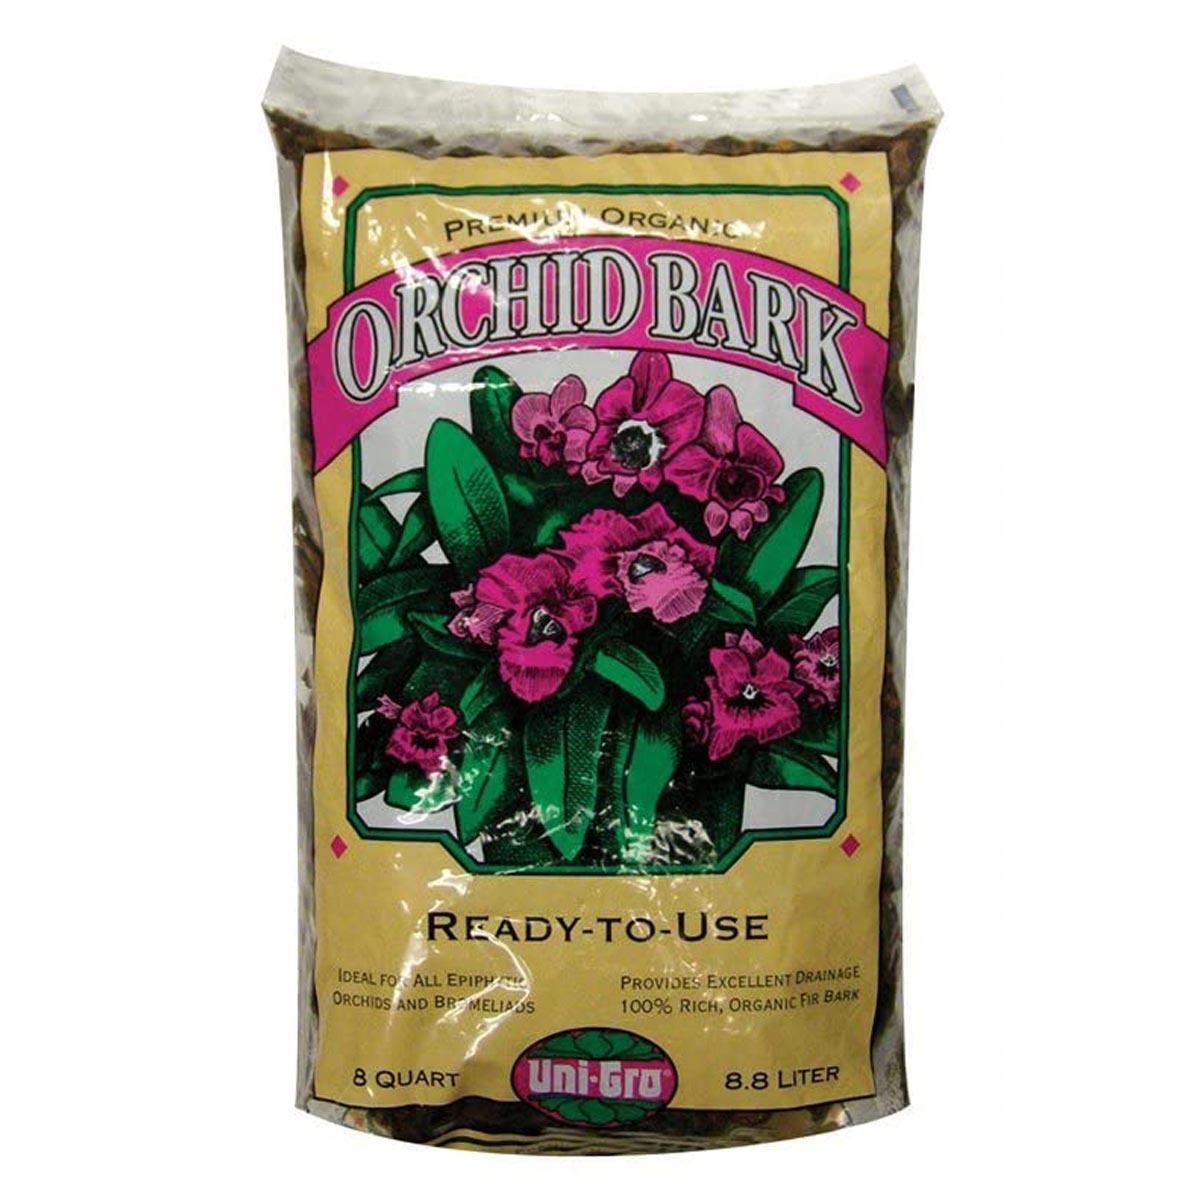 Uni-Gro Premium Organic Orchid Bark, 8 Quarts